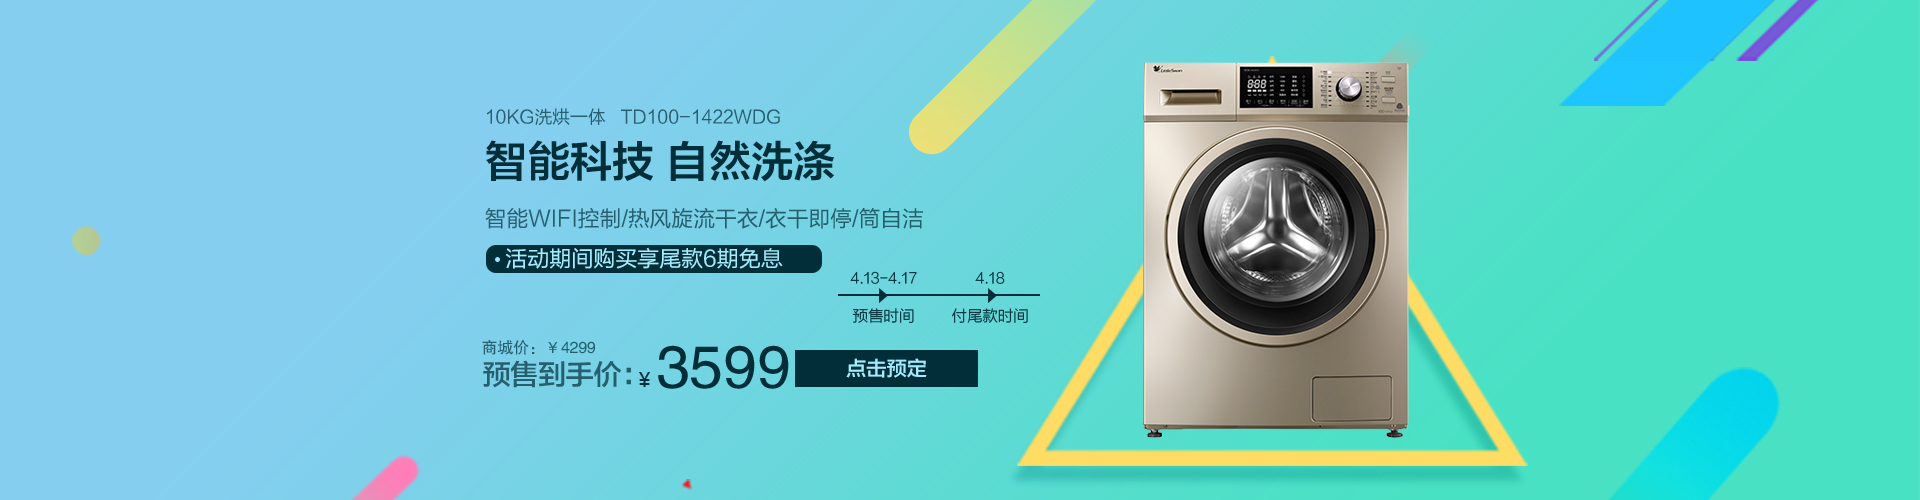 8公斤变频洗烘一体机 TD100-1422WDG